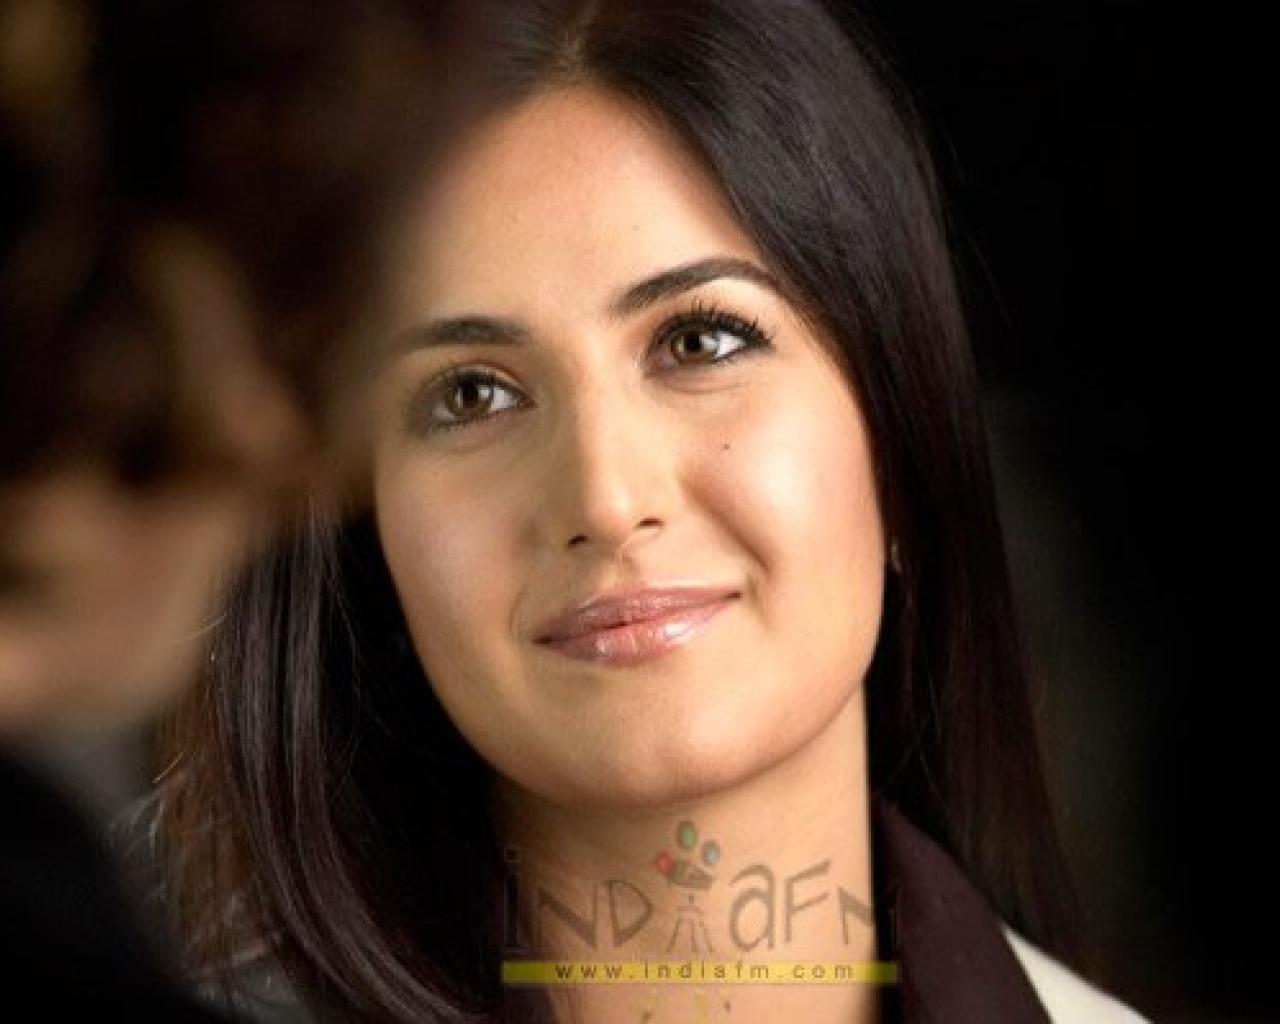 Indian Actress Actors Katrina Kaif Wallpapers Katrina Kaif Cute 1280x1024